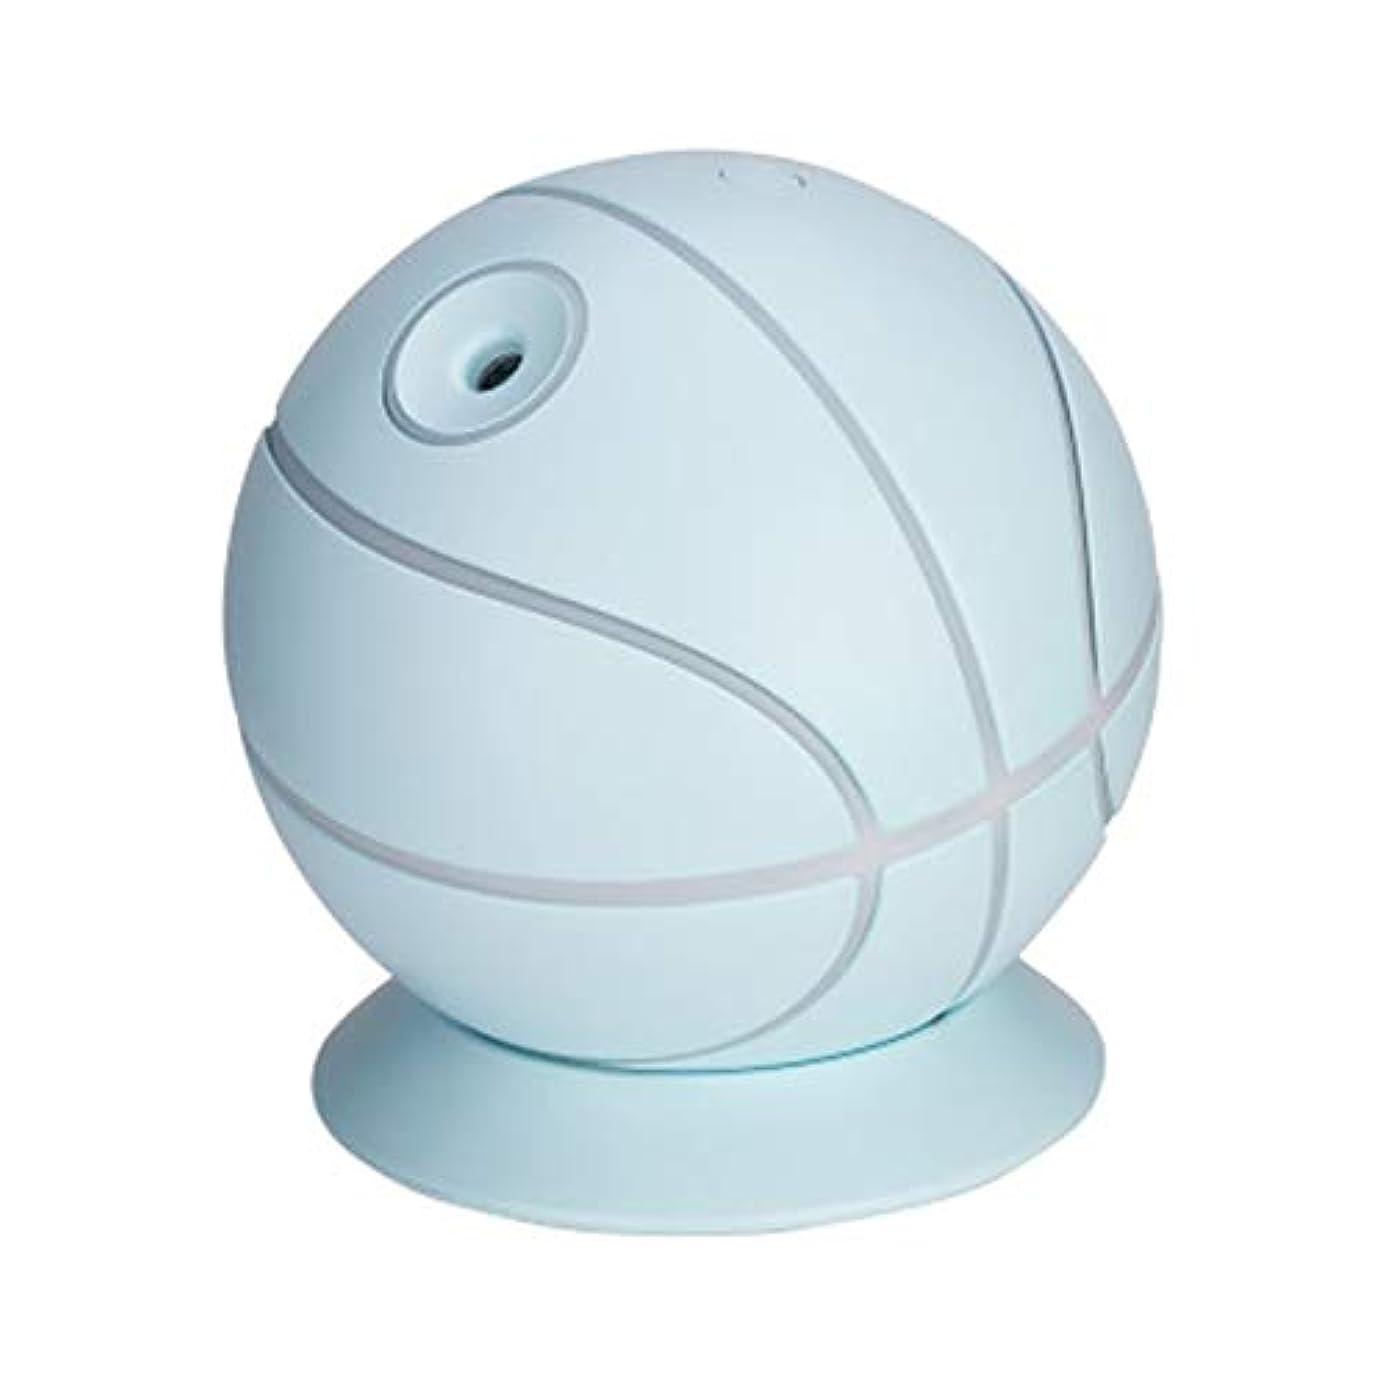 妨げる失態配送バスケットボール エッセンシャルオイル ディフューザー、 USB 超音波 酸素 流量計 アトマイザー クールミスト 空気 加湿器、 180° ロータリー ミニ ディフューザー にとって ホーム 車 事,Blue